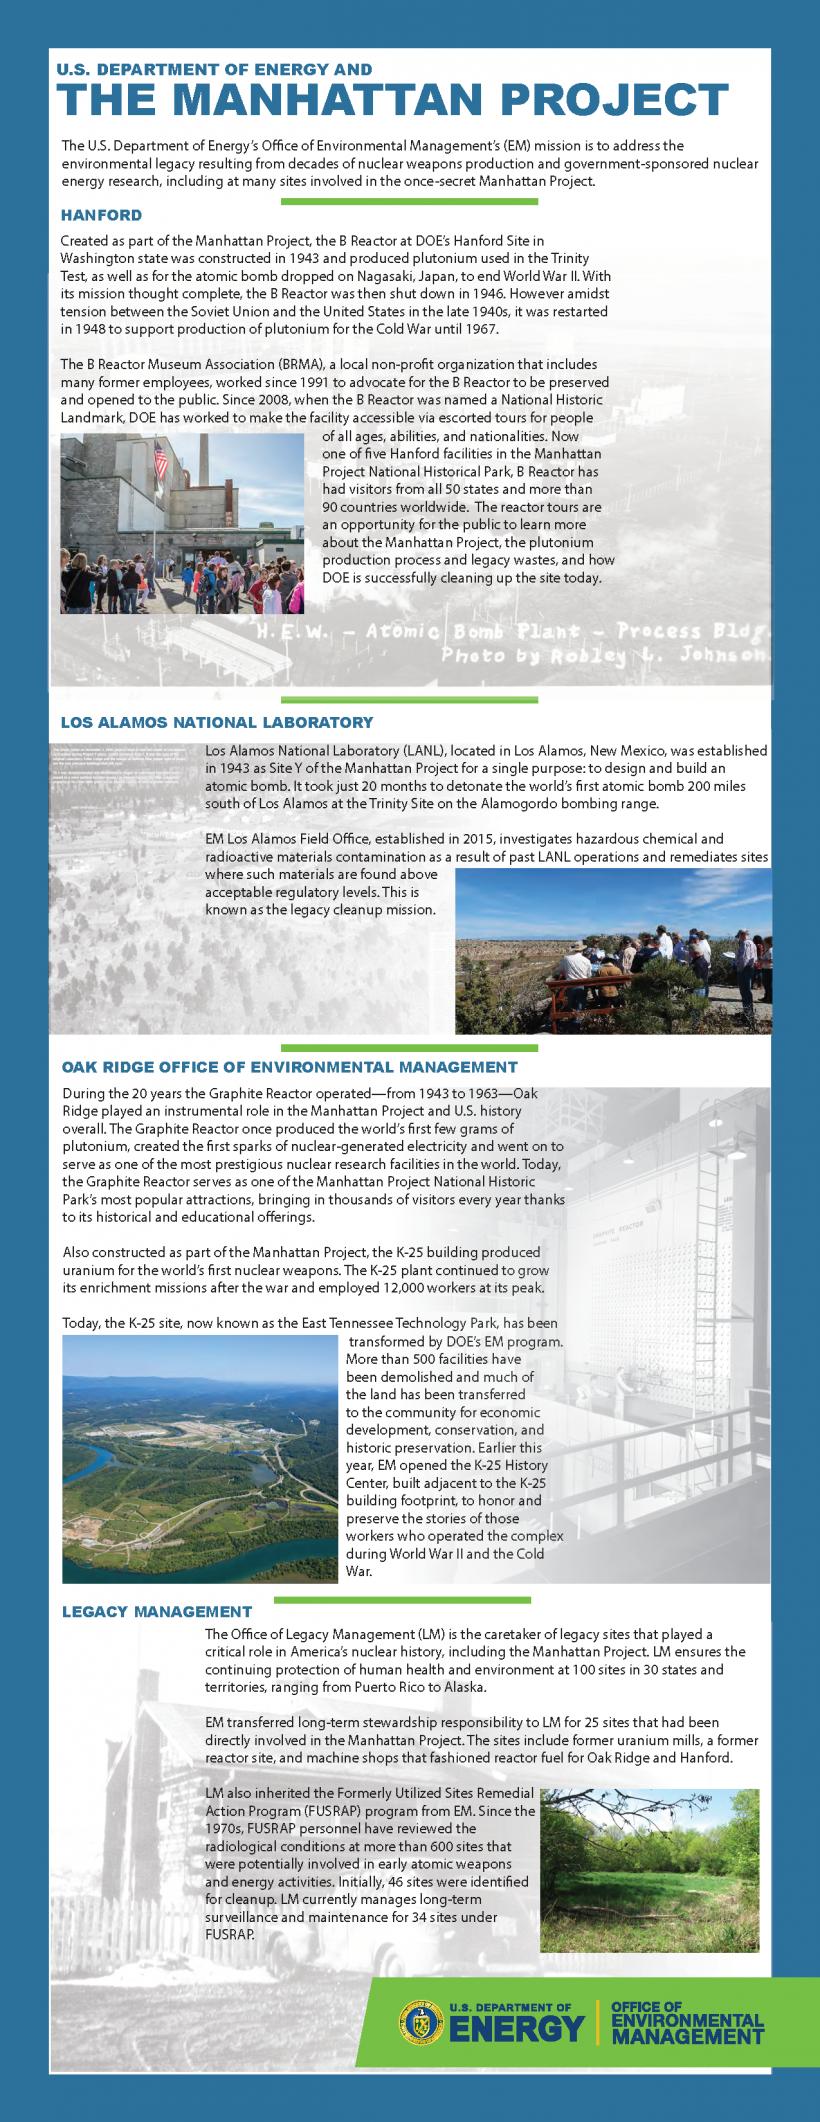 The Manhattan Project fact sheet